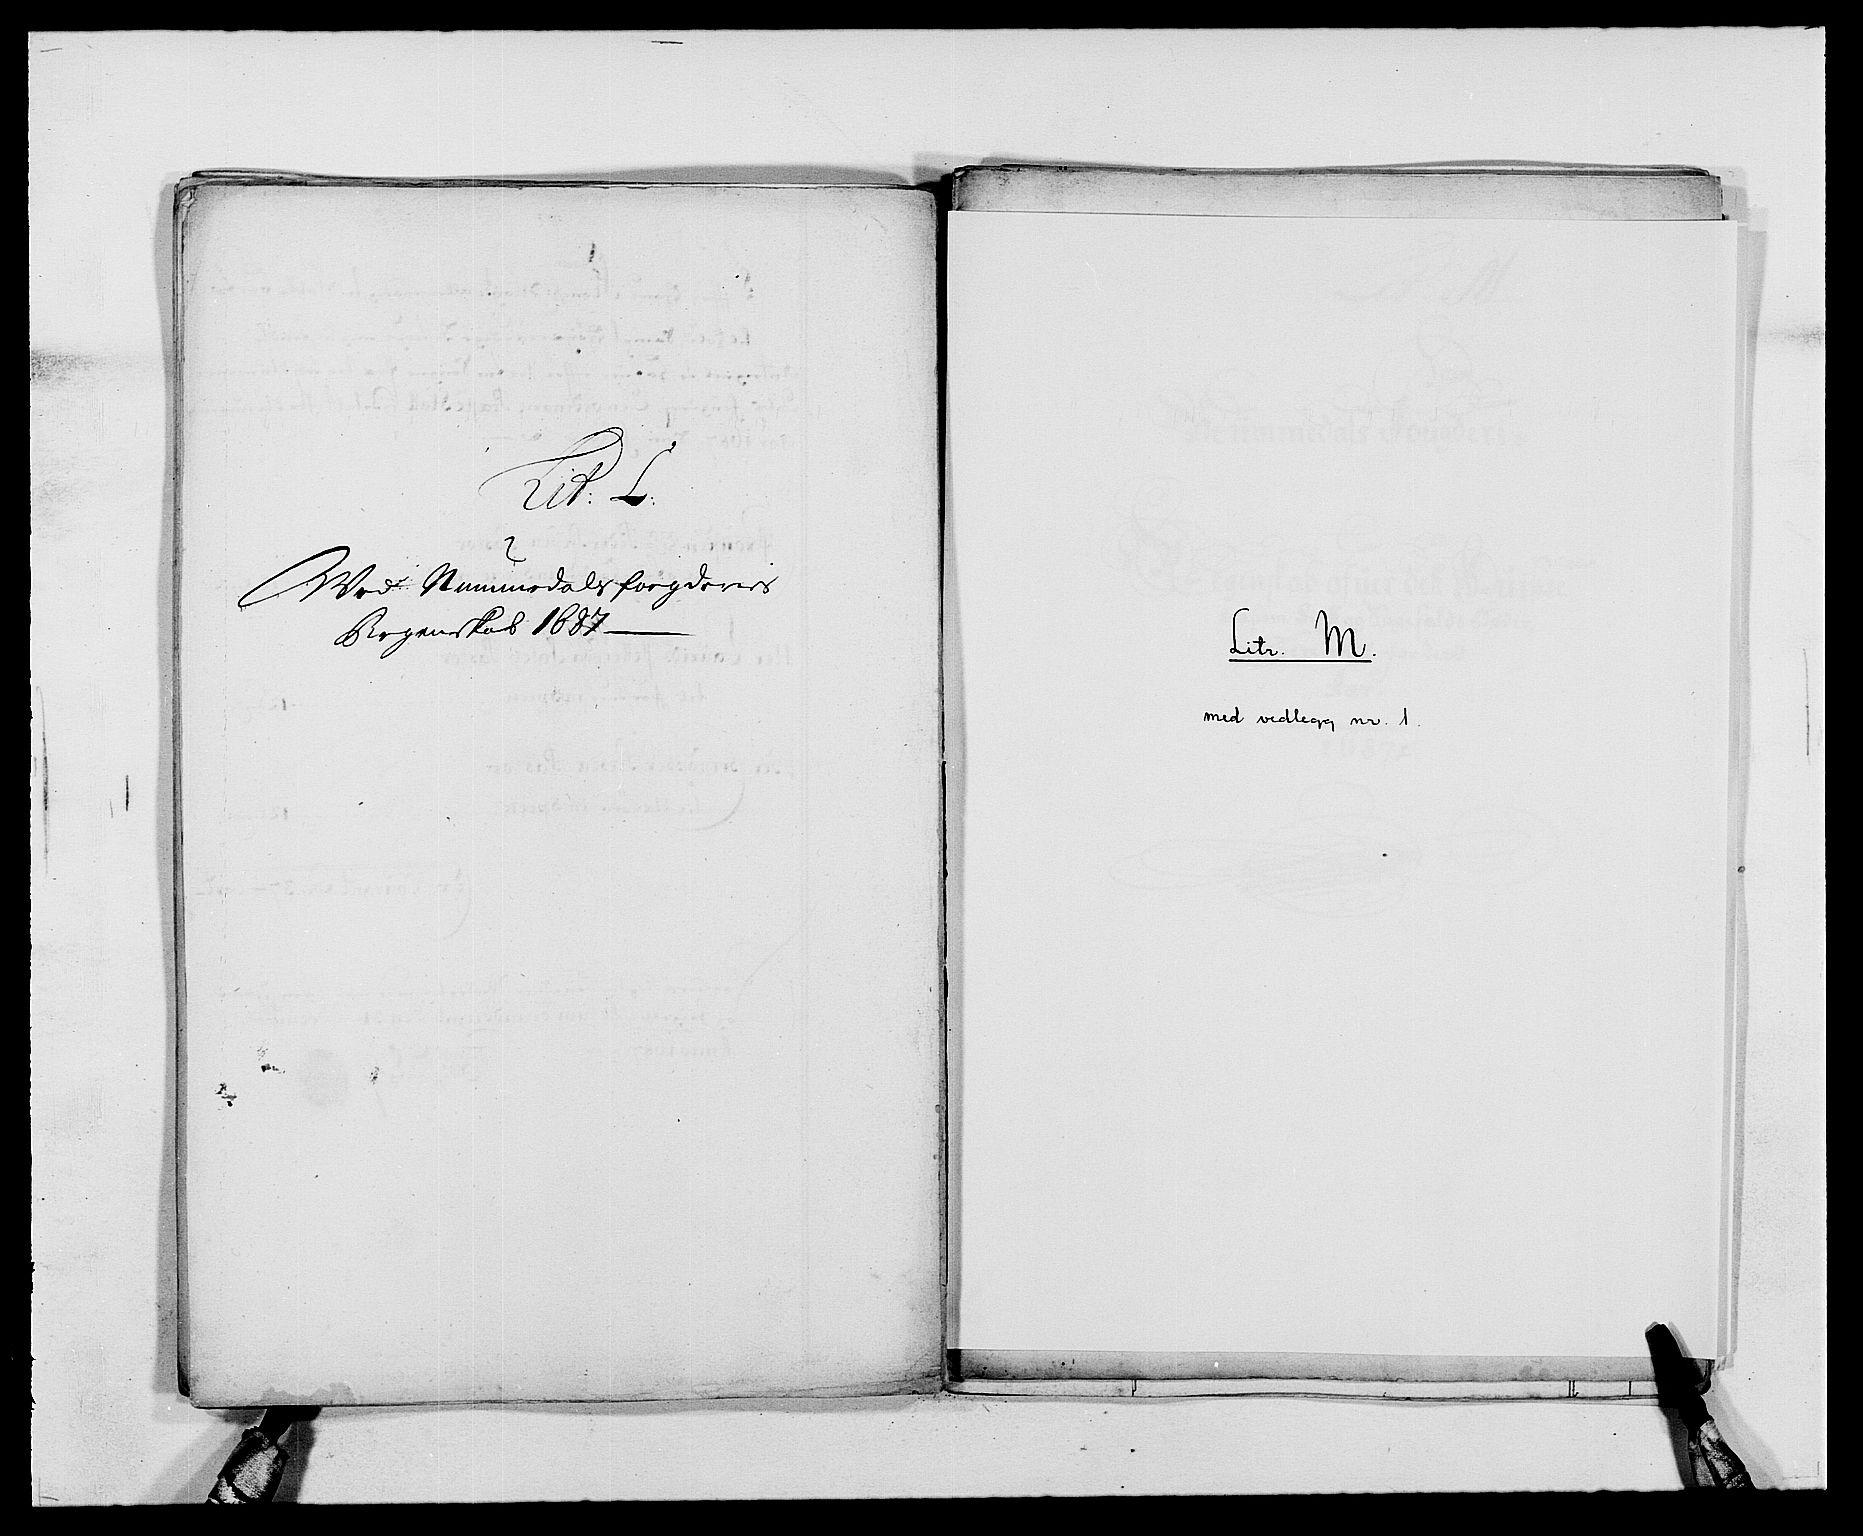 RA, Rentekammeret inntil 1814, Reviderte regnskaper, Fogderegnskap, R64/L4422: Fogderegnskap Namdal, 1687-1689, s. 65